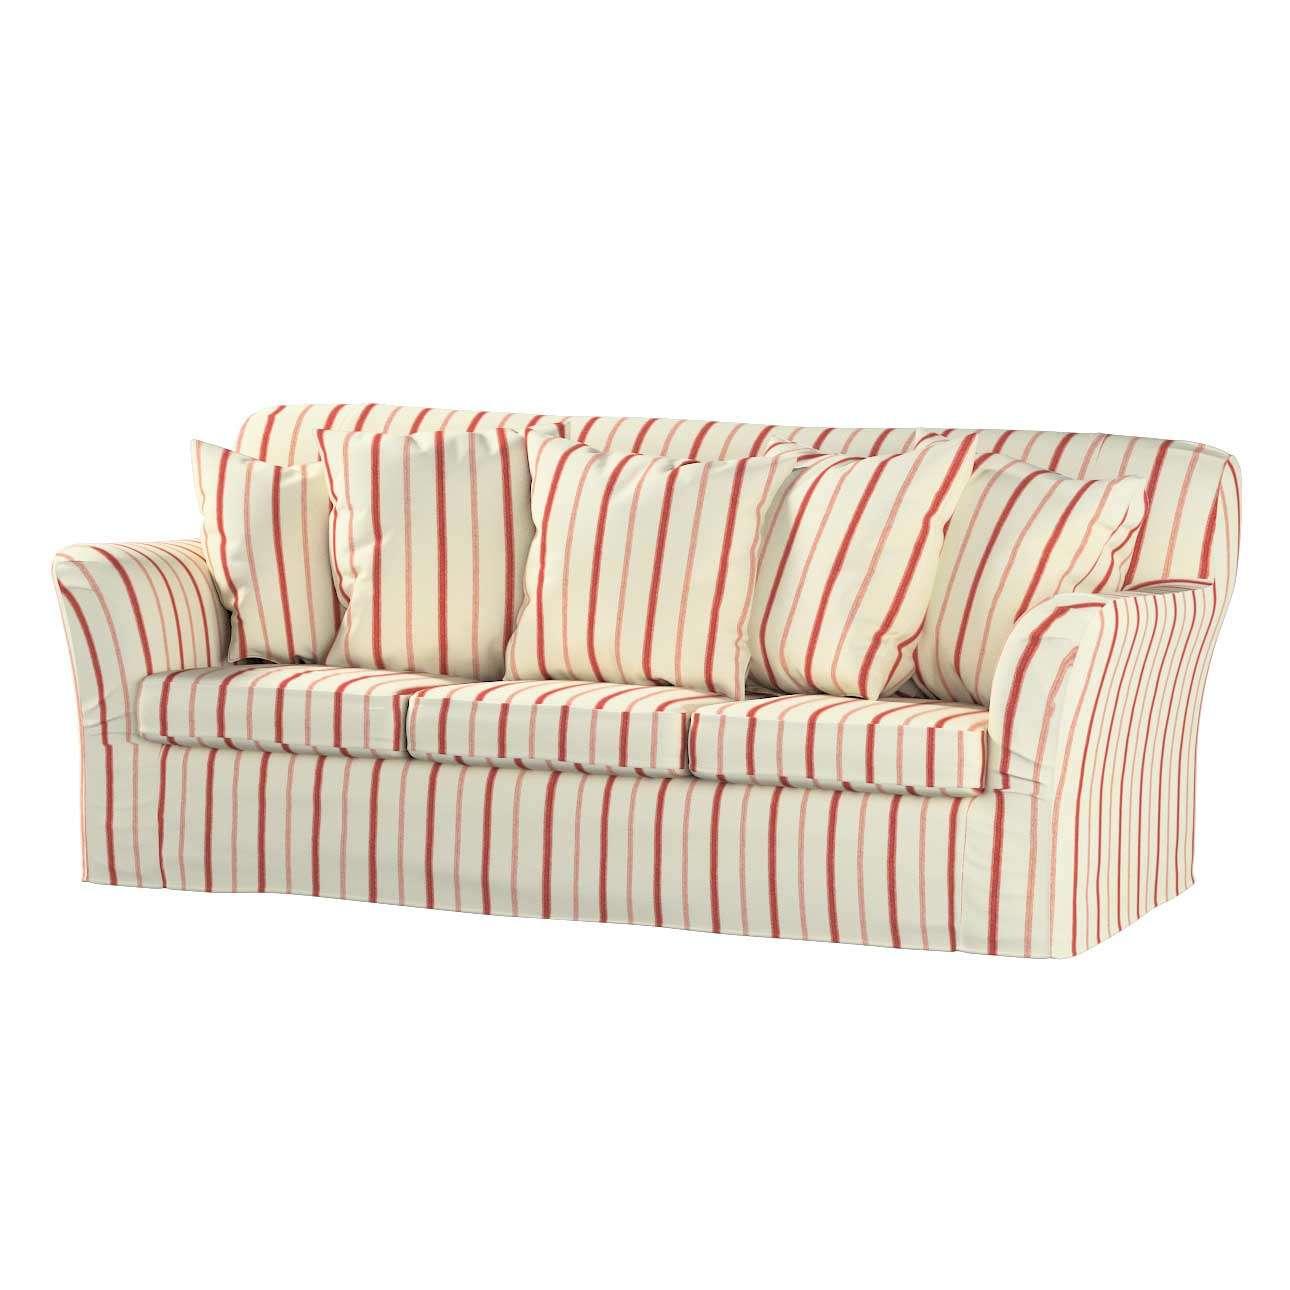 TOMELILLA  trivietės sofos užvalkalas TOMELILLA trivietė sofa kolekcijoje Avinon, audinys: 129-15